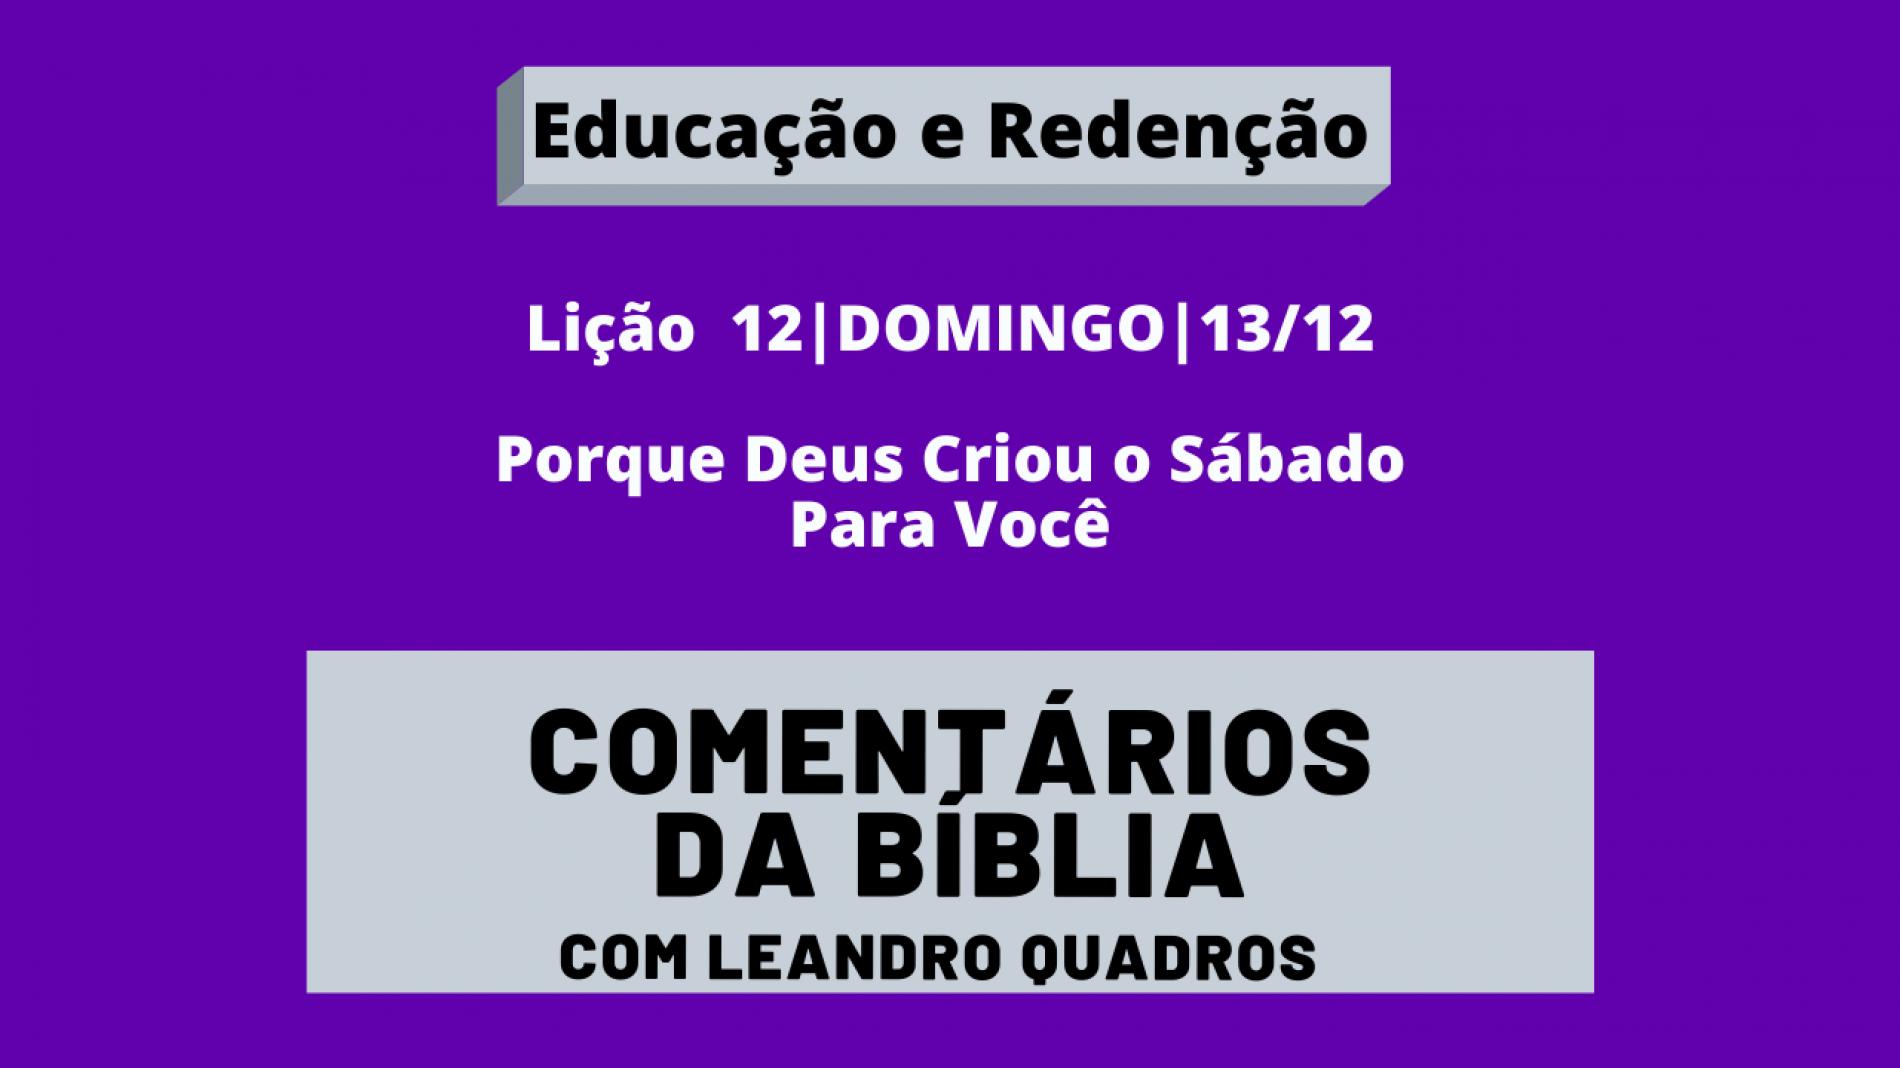 Domingo |13/12| Porque Deus Criou o Sábado Para Você – Lição 12